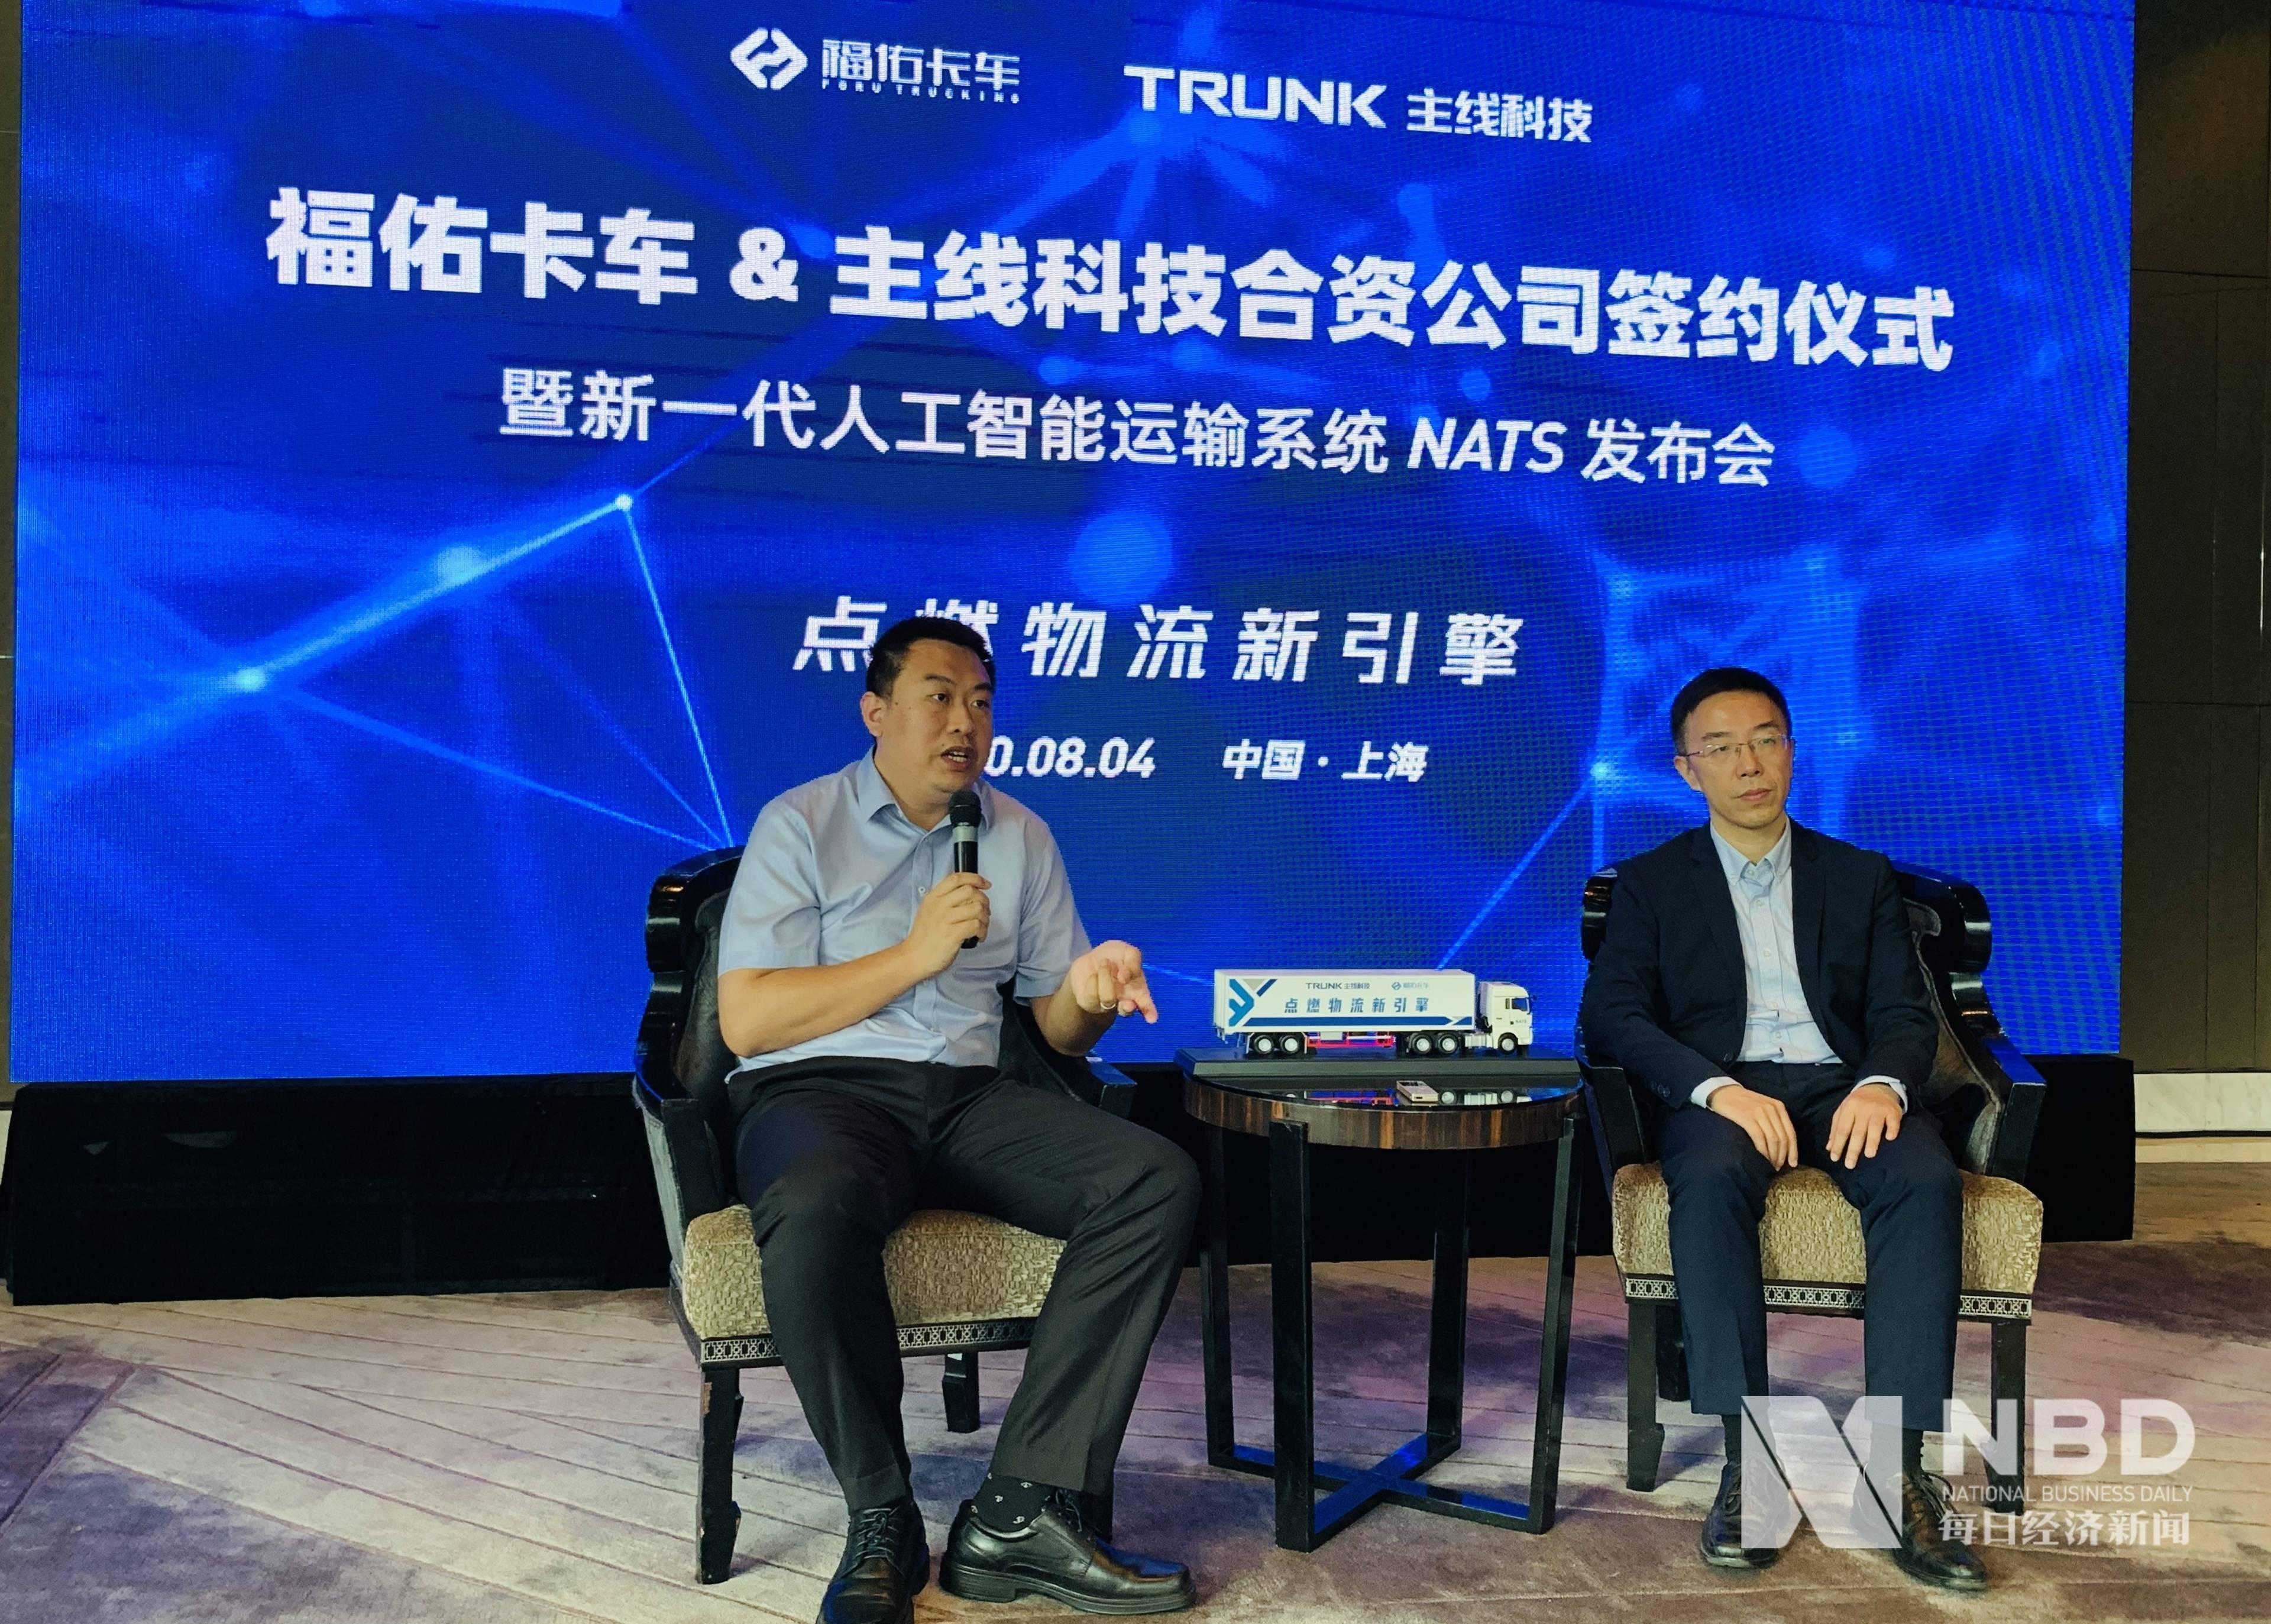 主线科技联手福佑卡车智能货运开启自动驾驶商业落地新模式